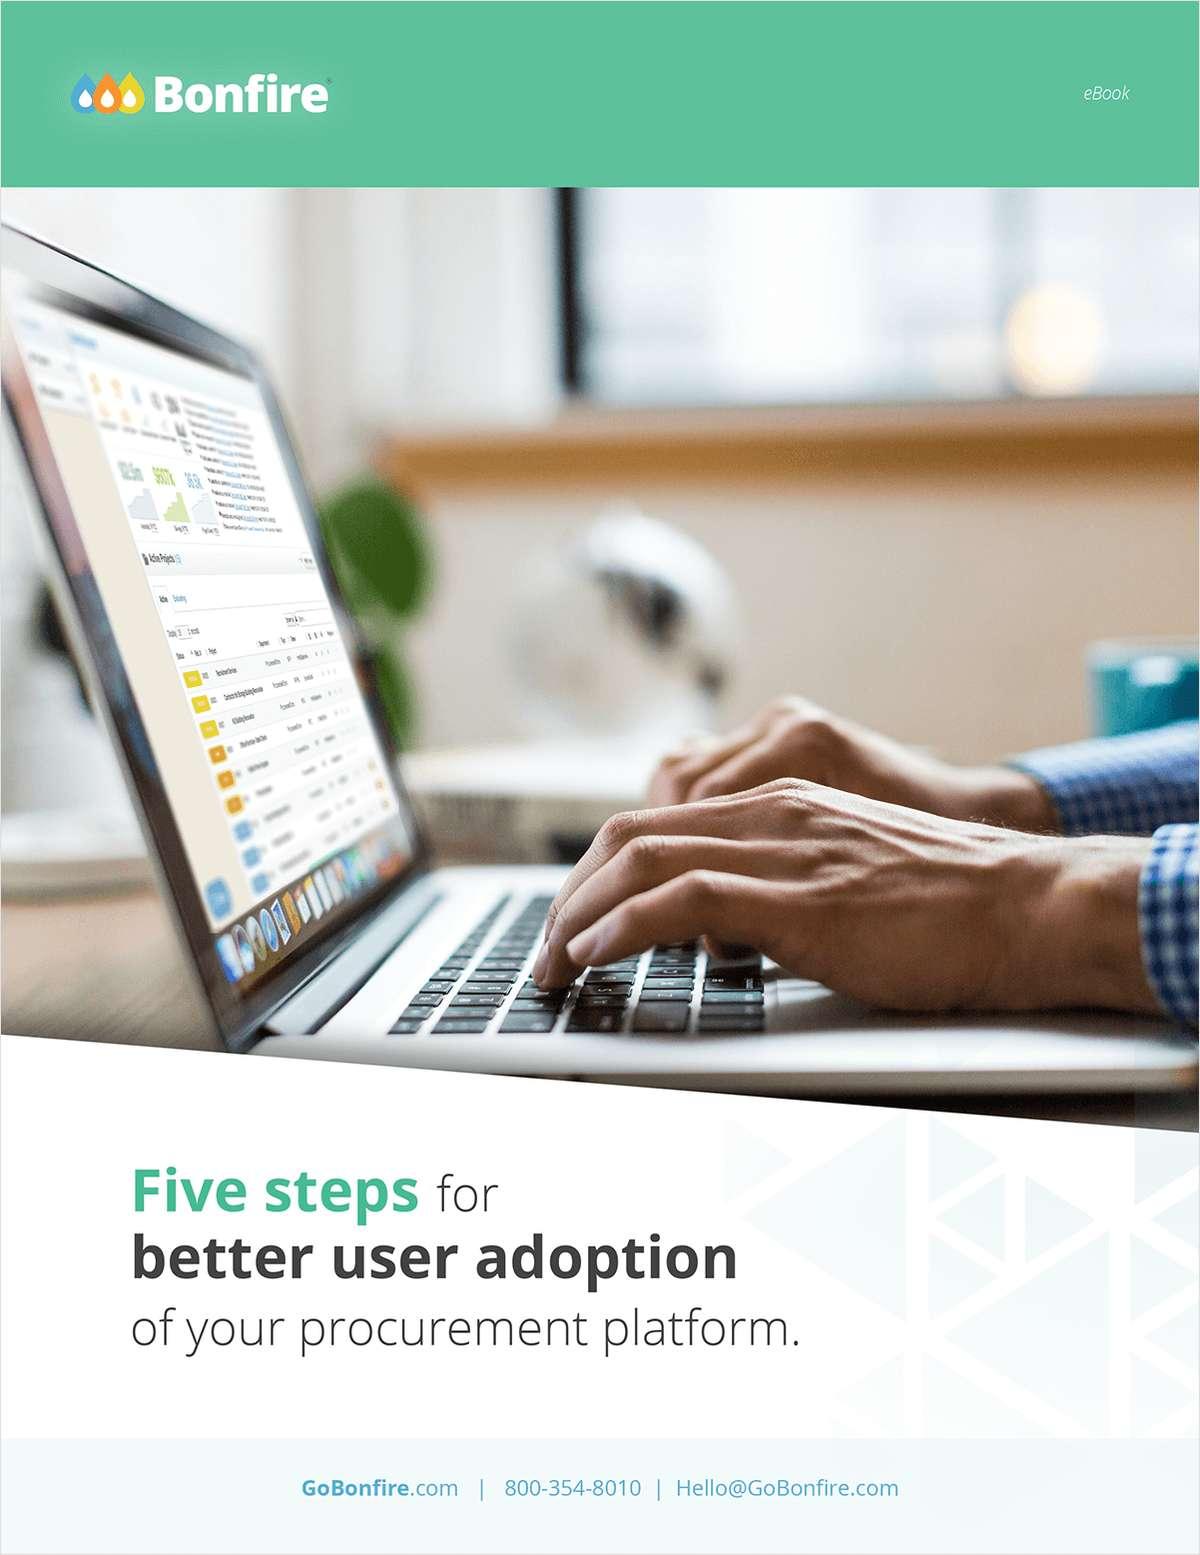 Five steps for better user adoption of your procurement platform.